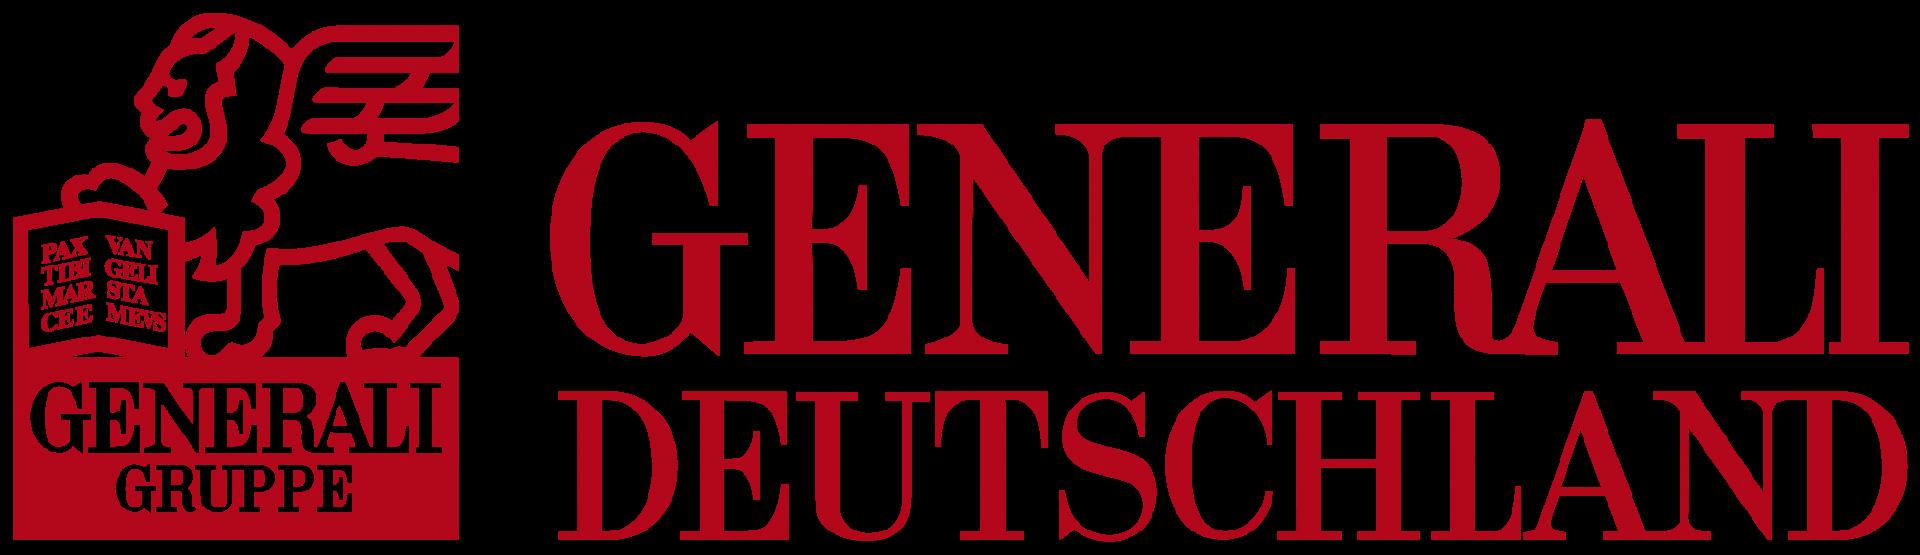 2000px-generali_deutschland_logo-svg